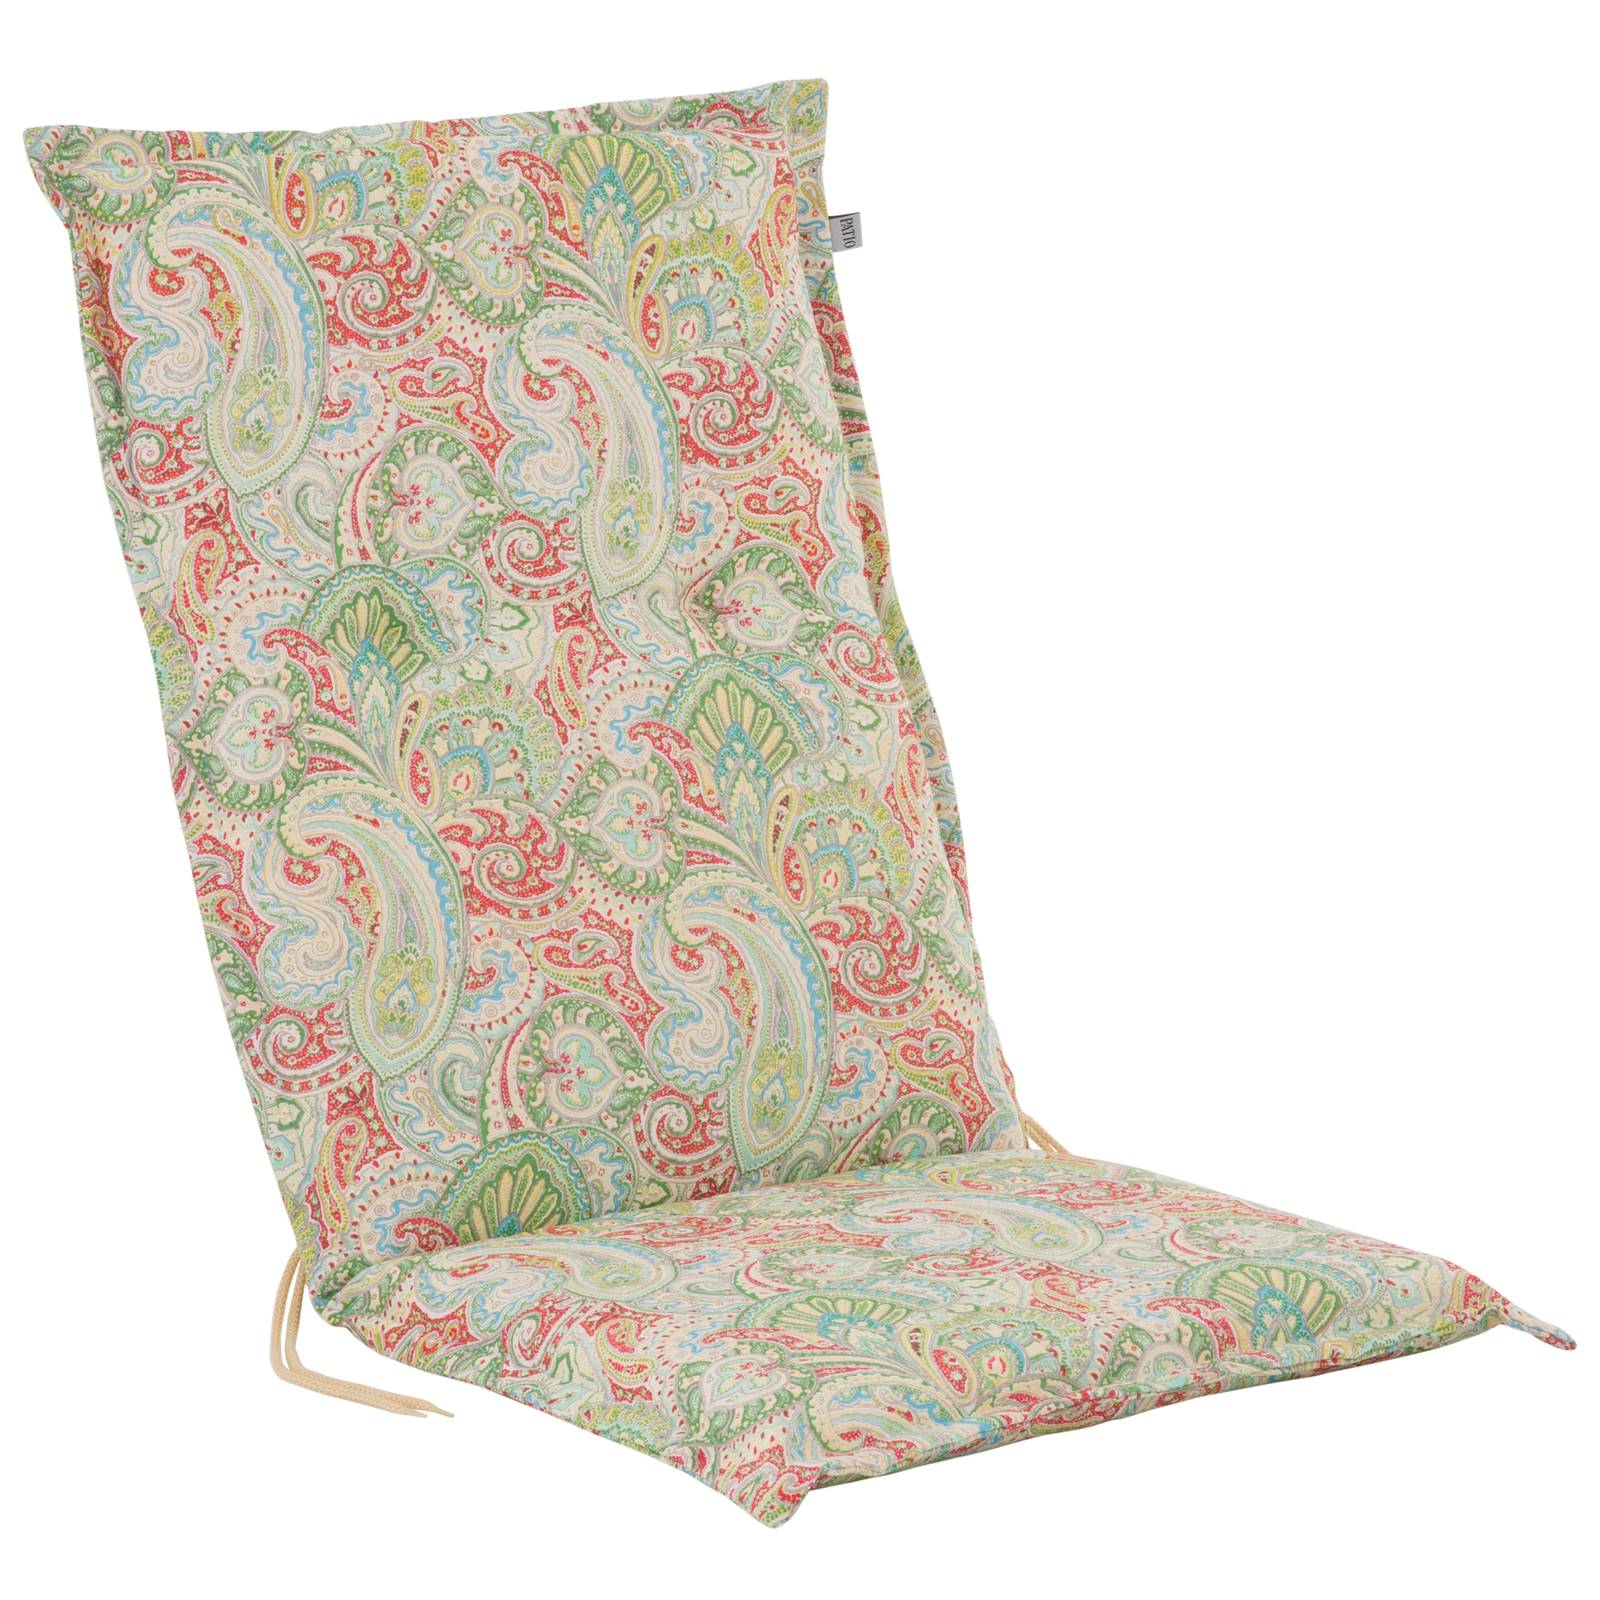 Poduszka na krzesło Malezja Niedrig 5 cm G038-12LB PATIO